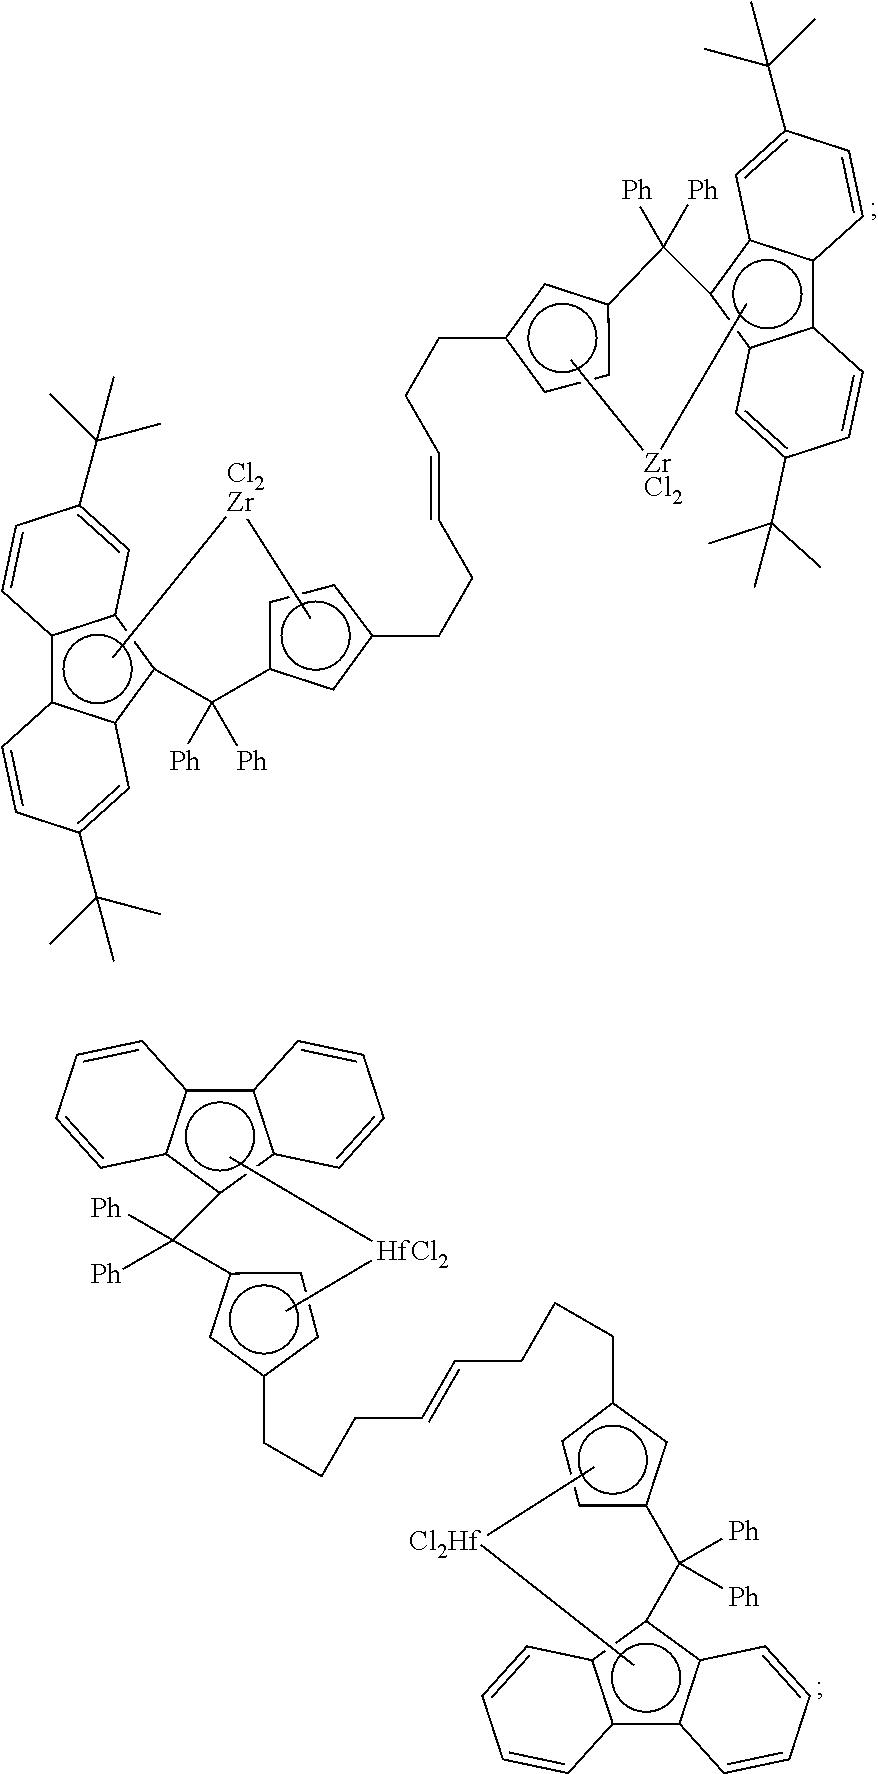 Figure US08012900-20110906-C00040